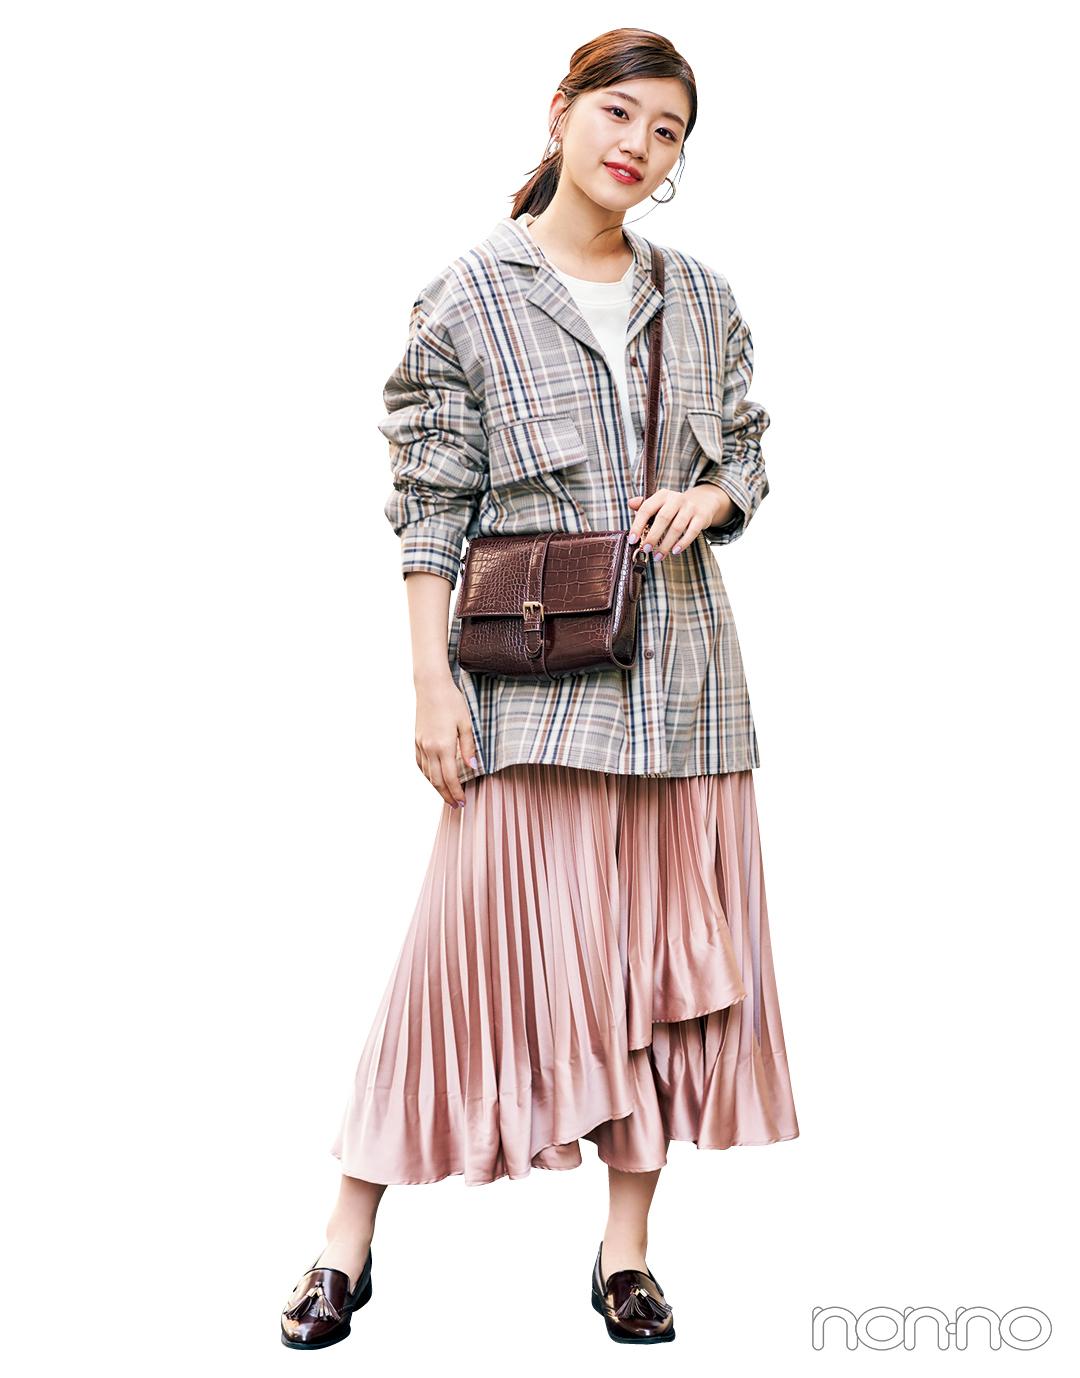 【大学生のための着倒しアイテム】スカートはこの素材感で今っぽく♡ _1_6